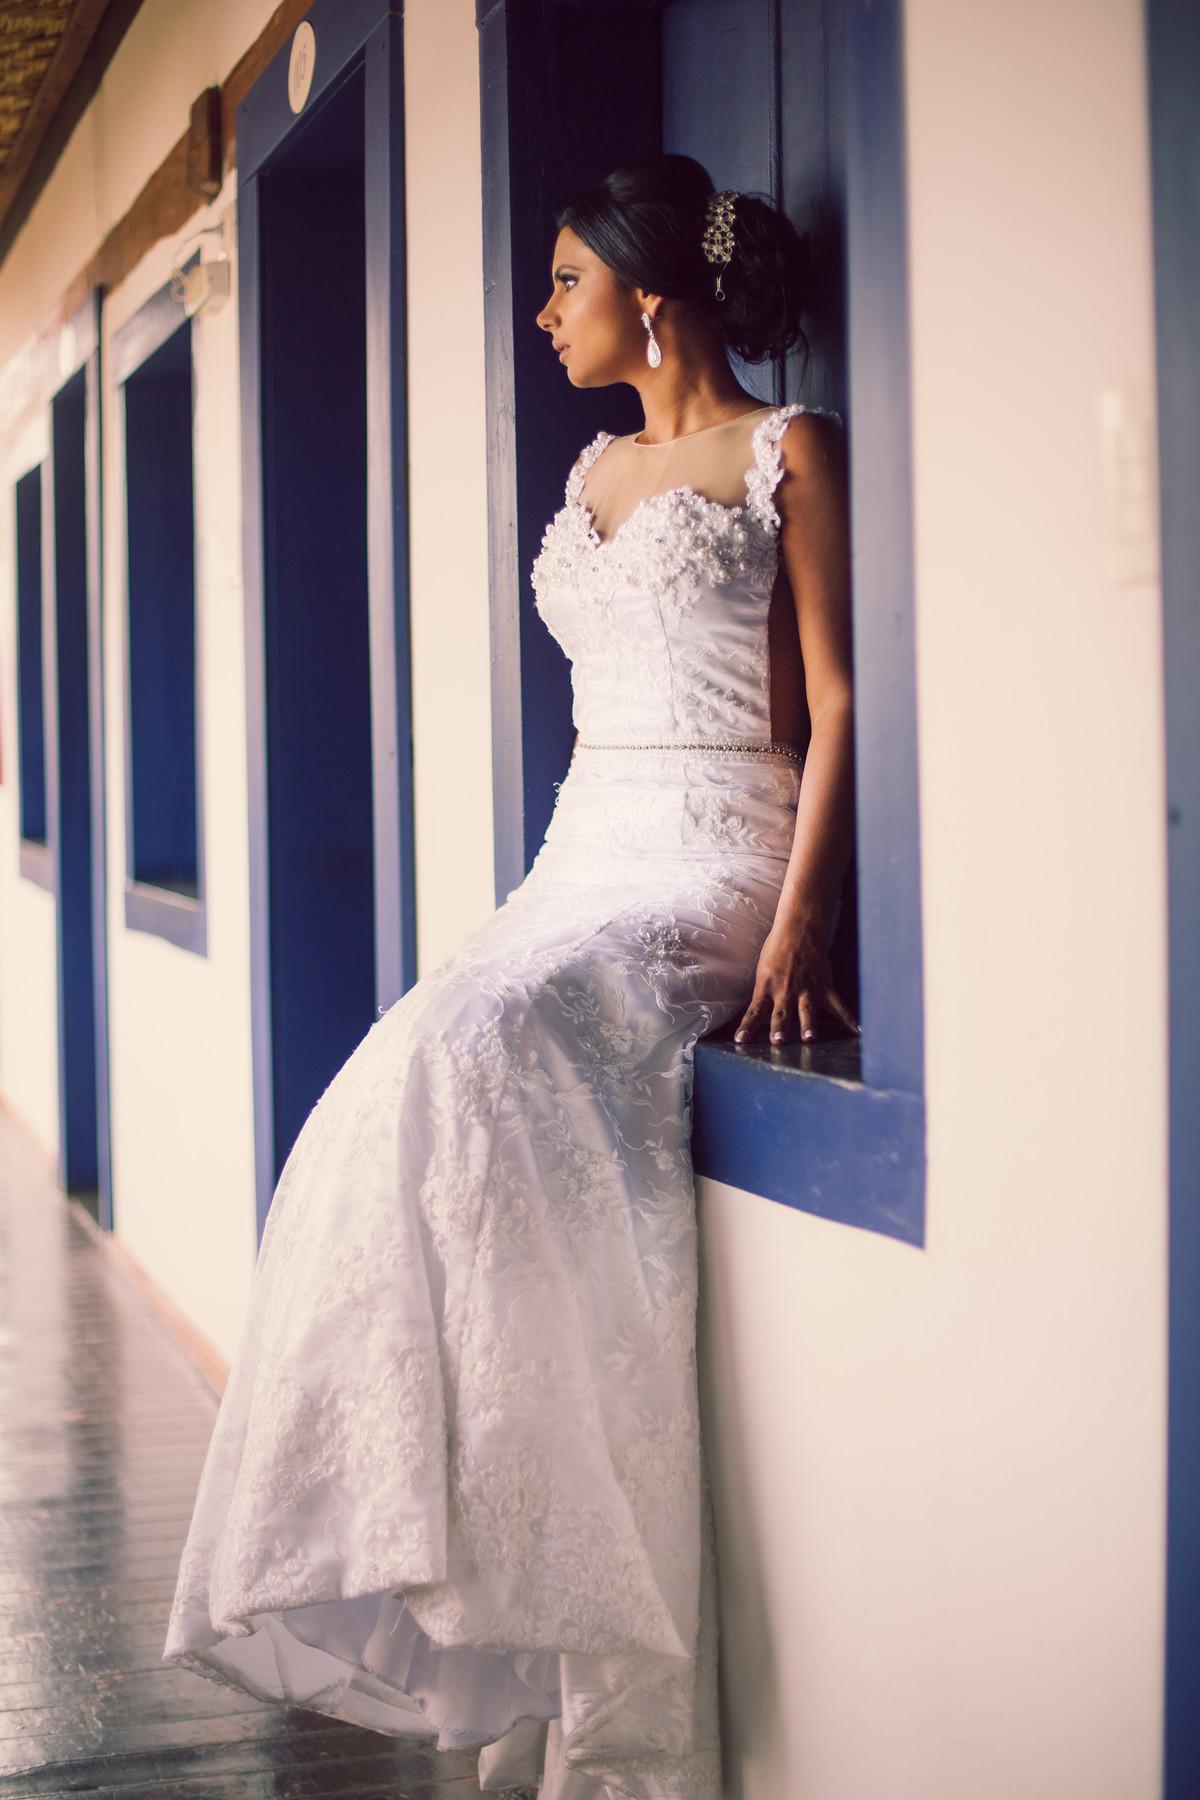 Noiva sentada em janela antiga foto feita pelo fotógrafo Rafael Ohana em Paracatu-M